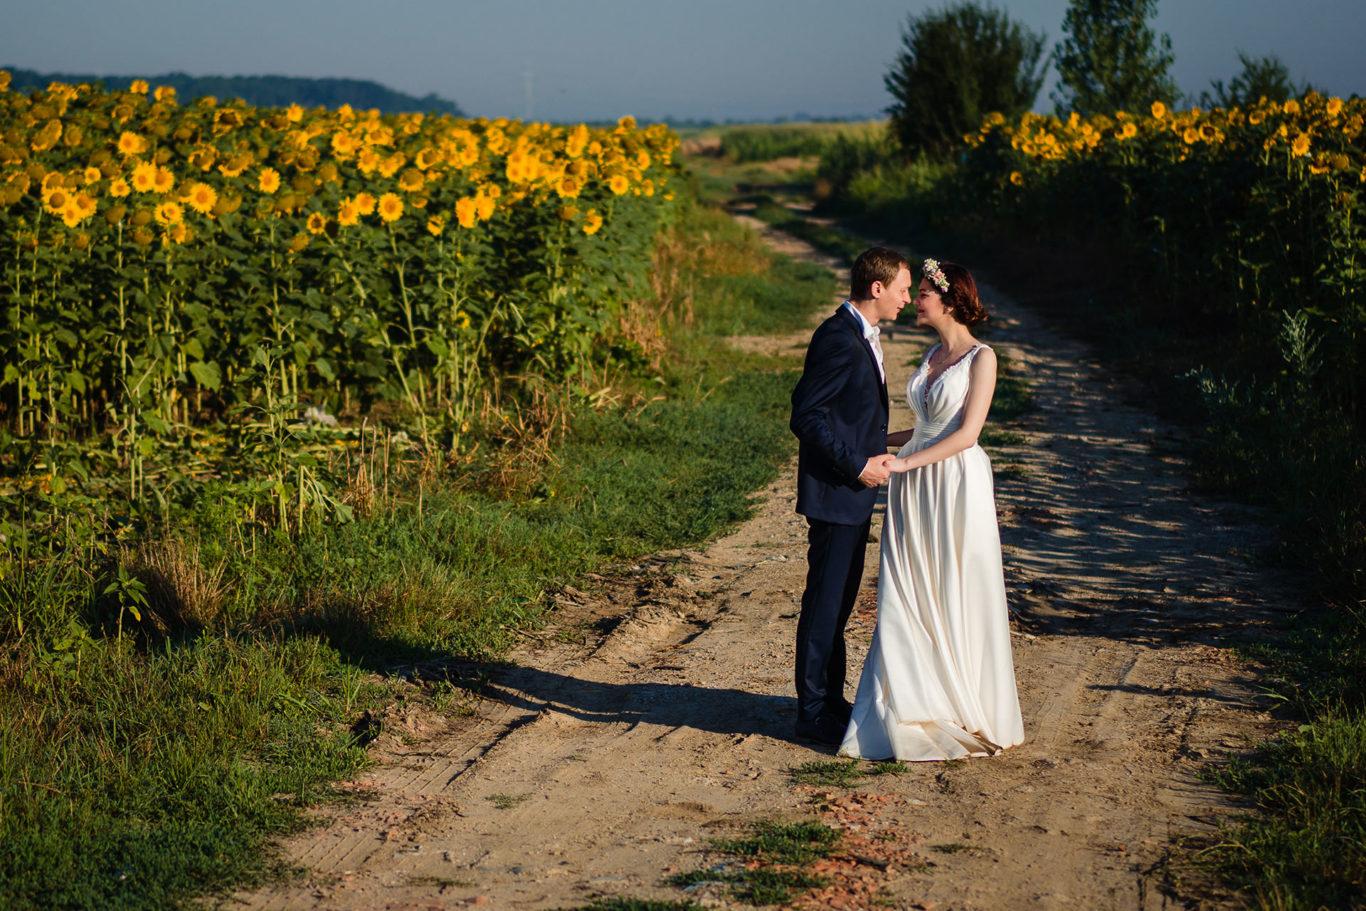 Sesiune foto in lanul de floarea soarelui